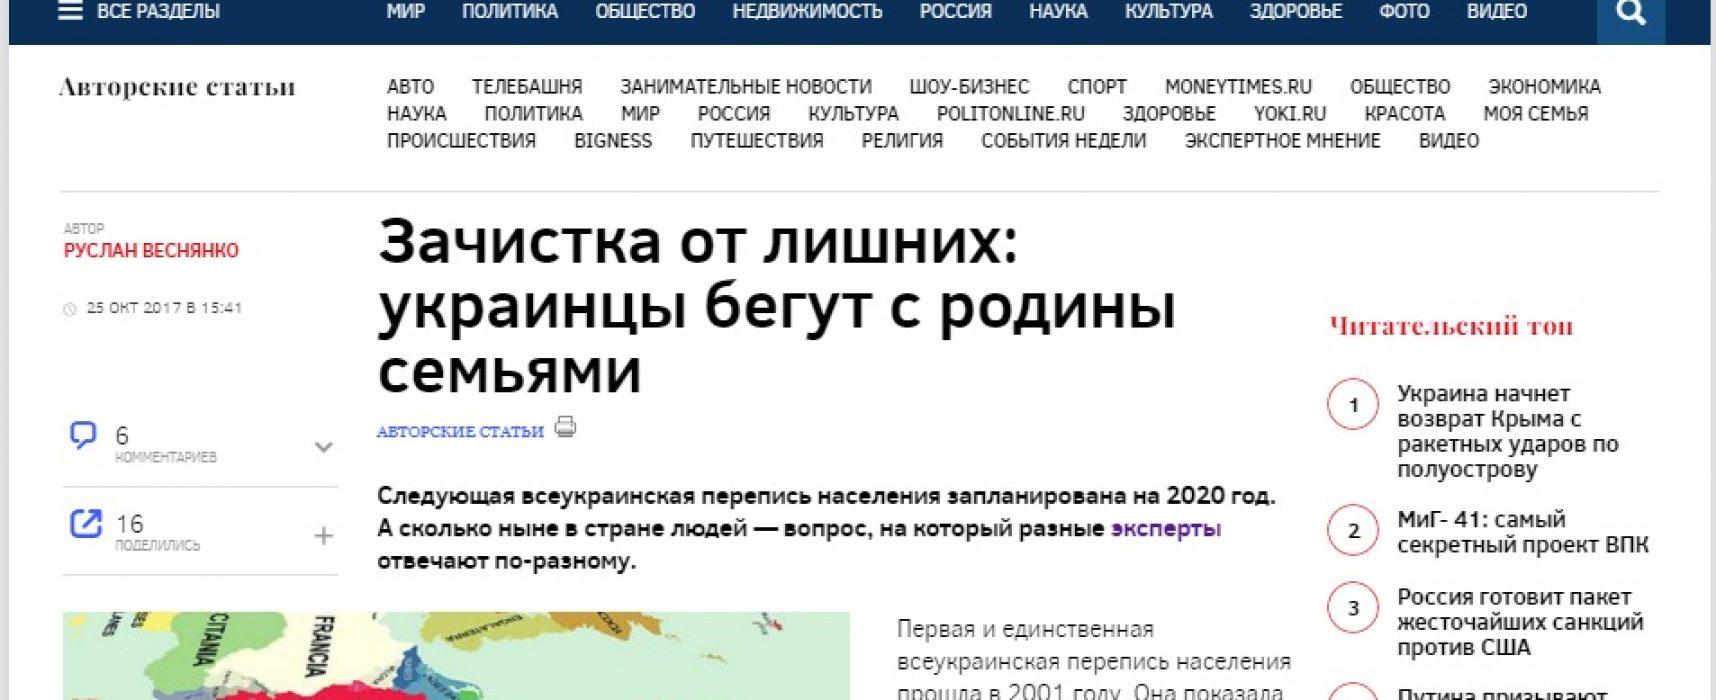 Fake: Depopulation – Ukraine's №1 Threat